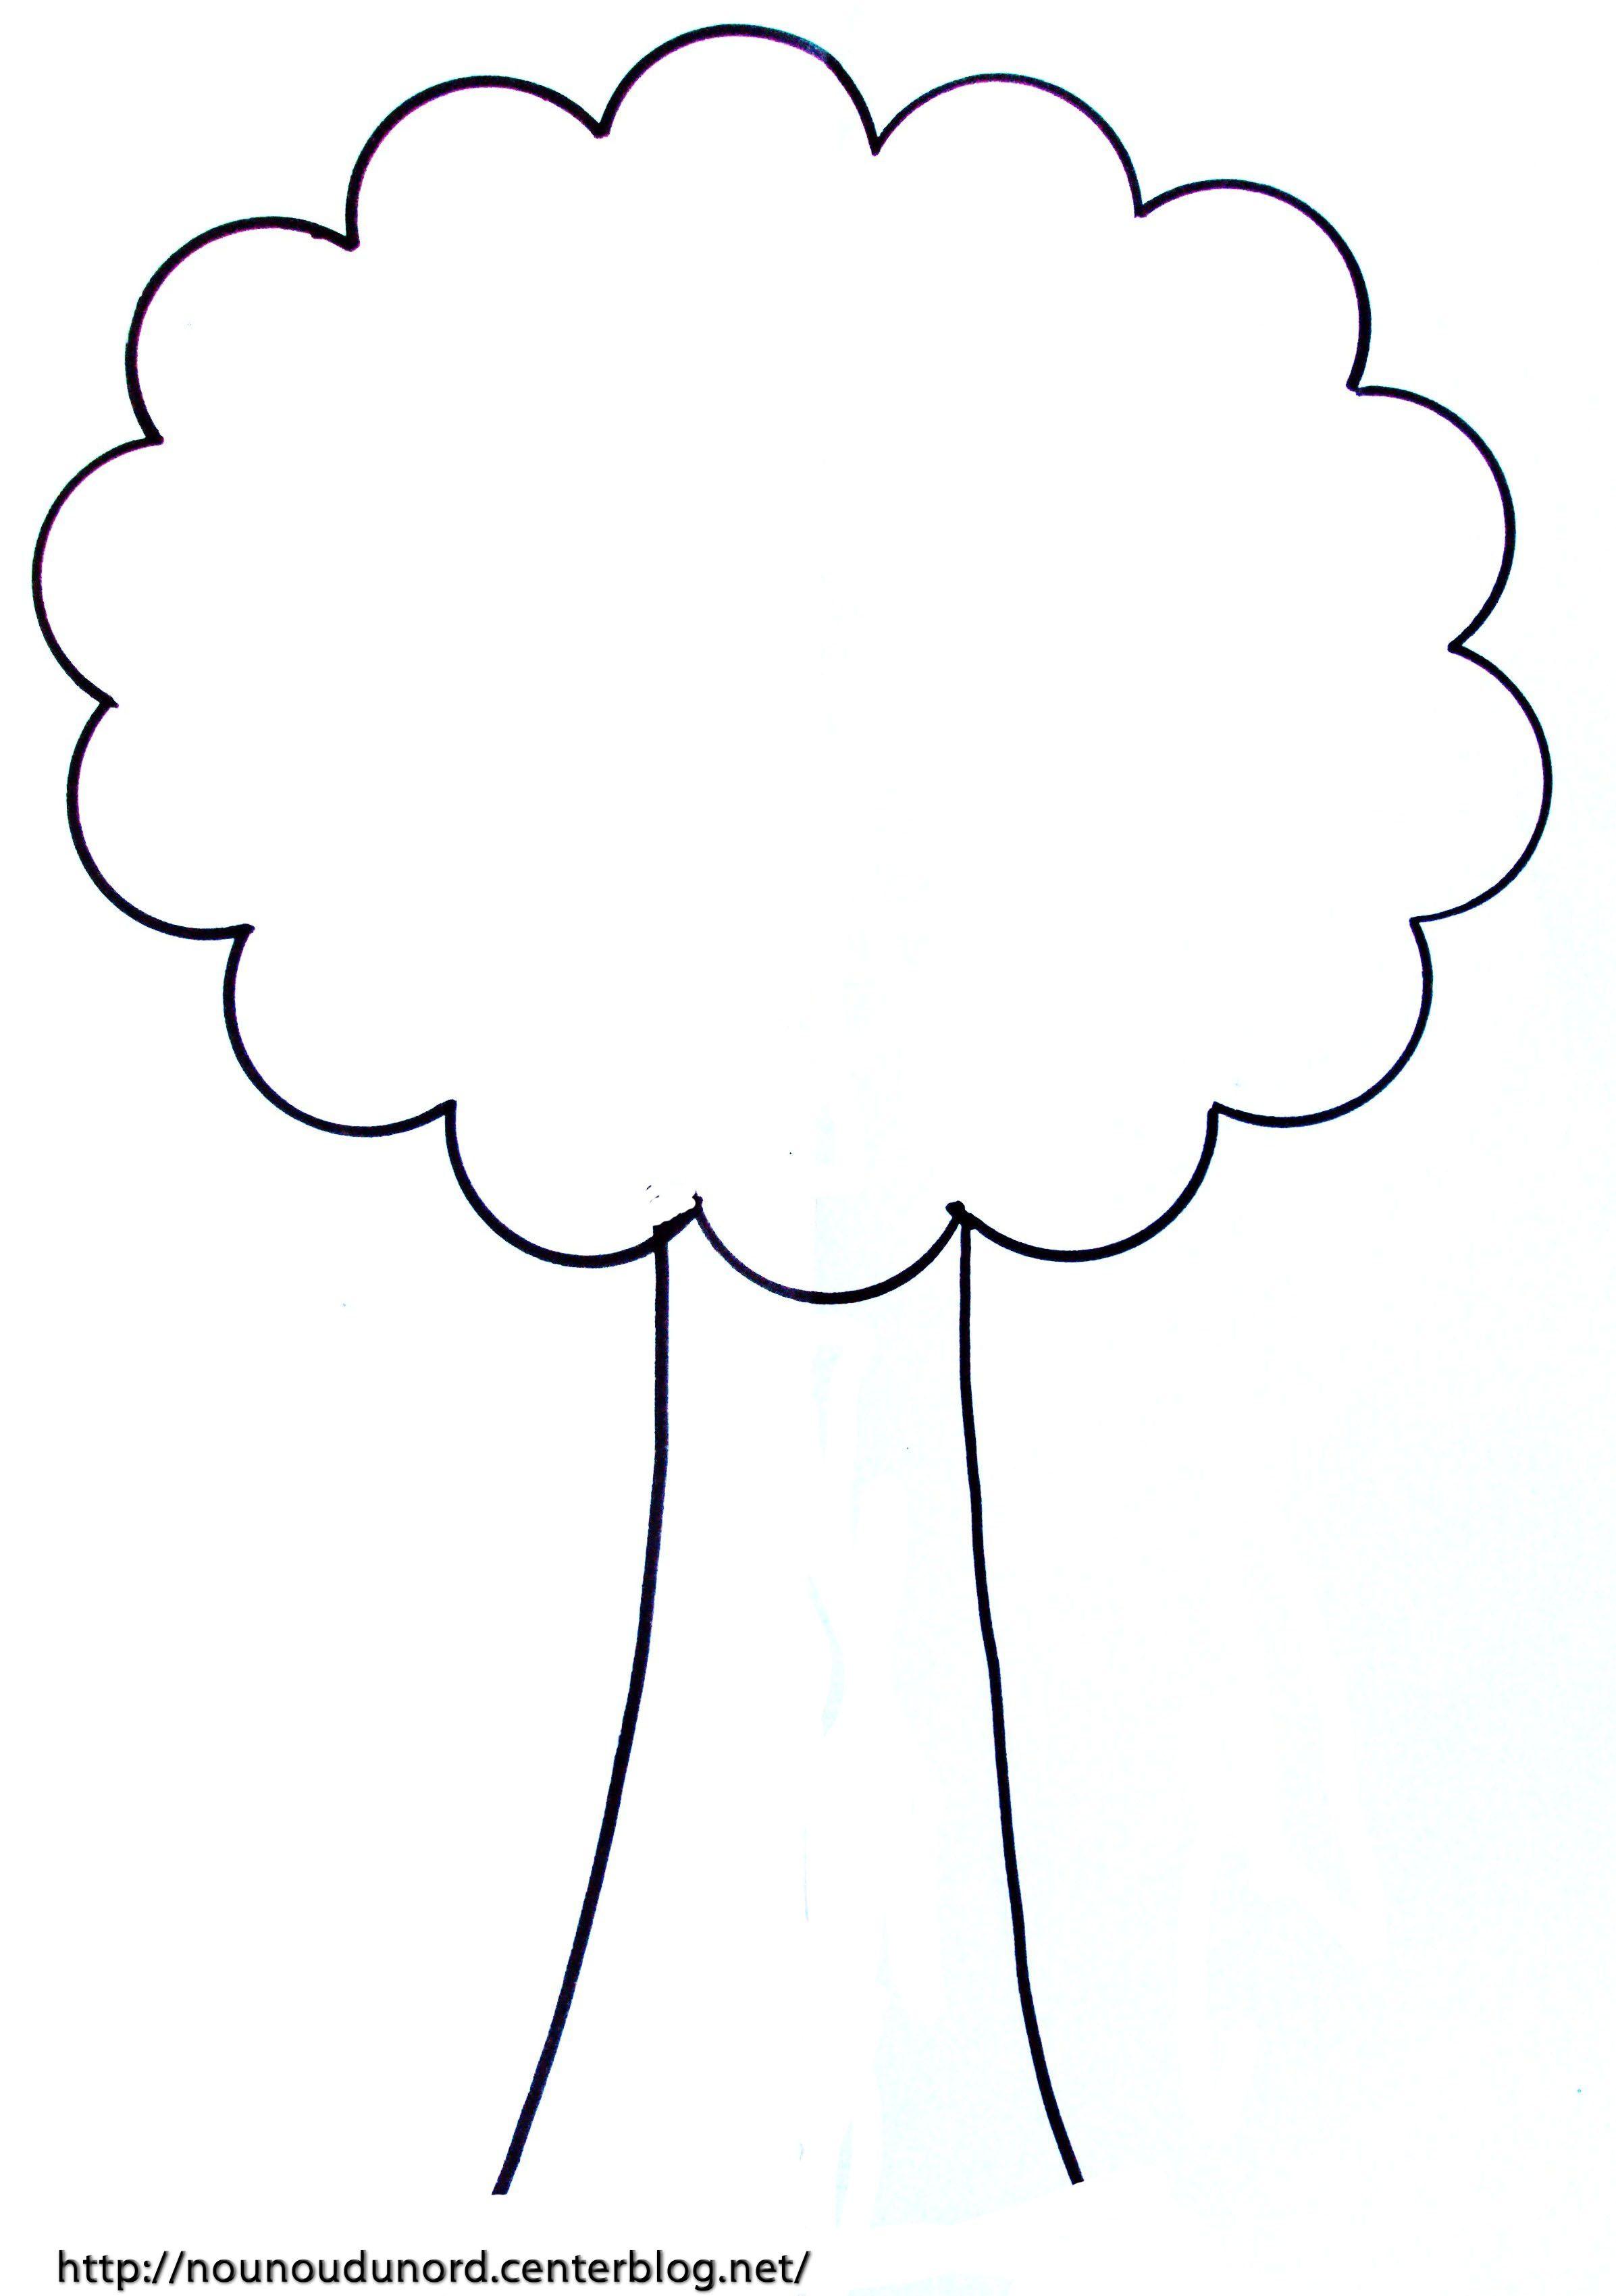 Coloriage automne arbe - Arbres dessins ...